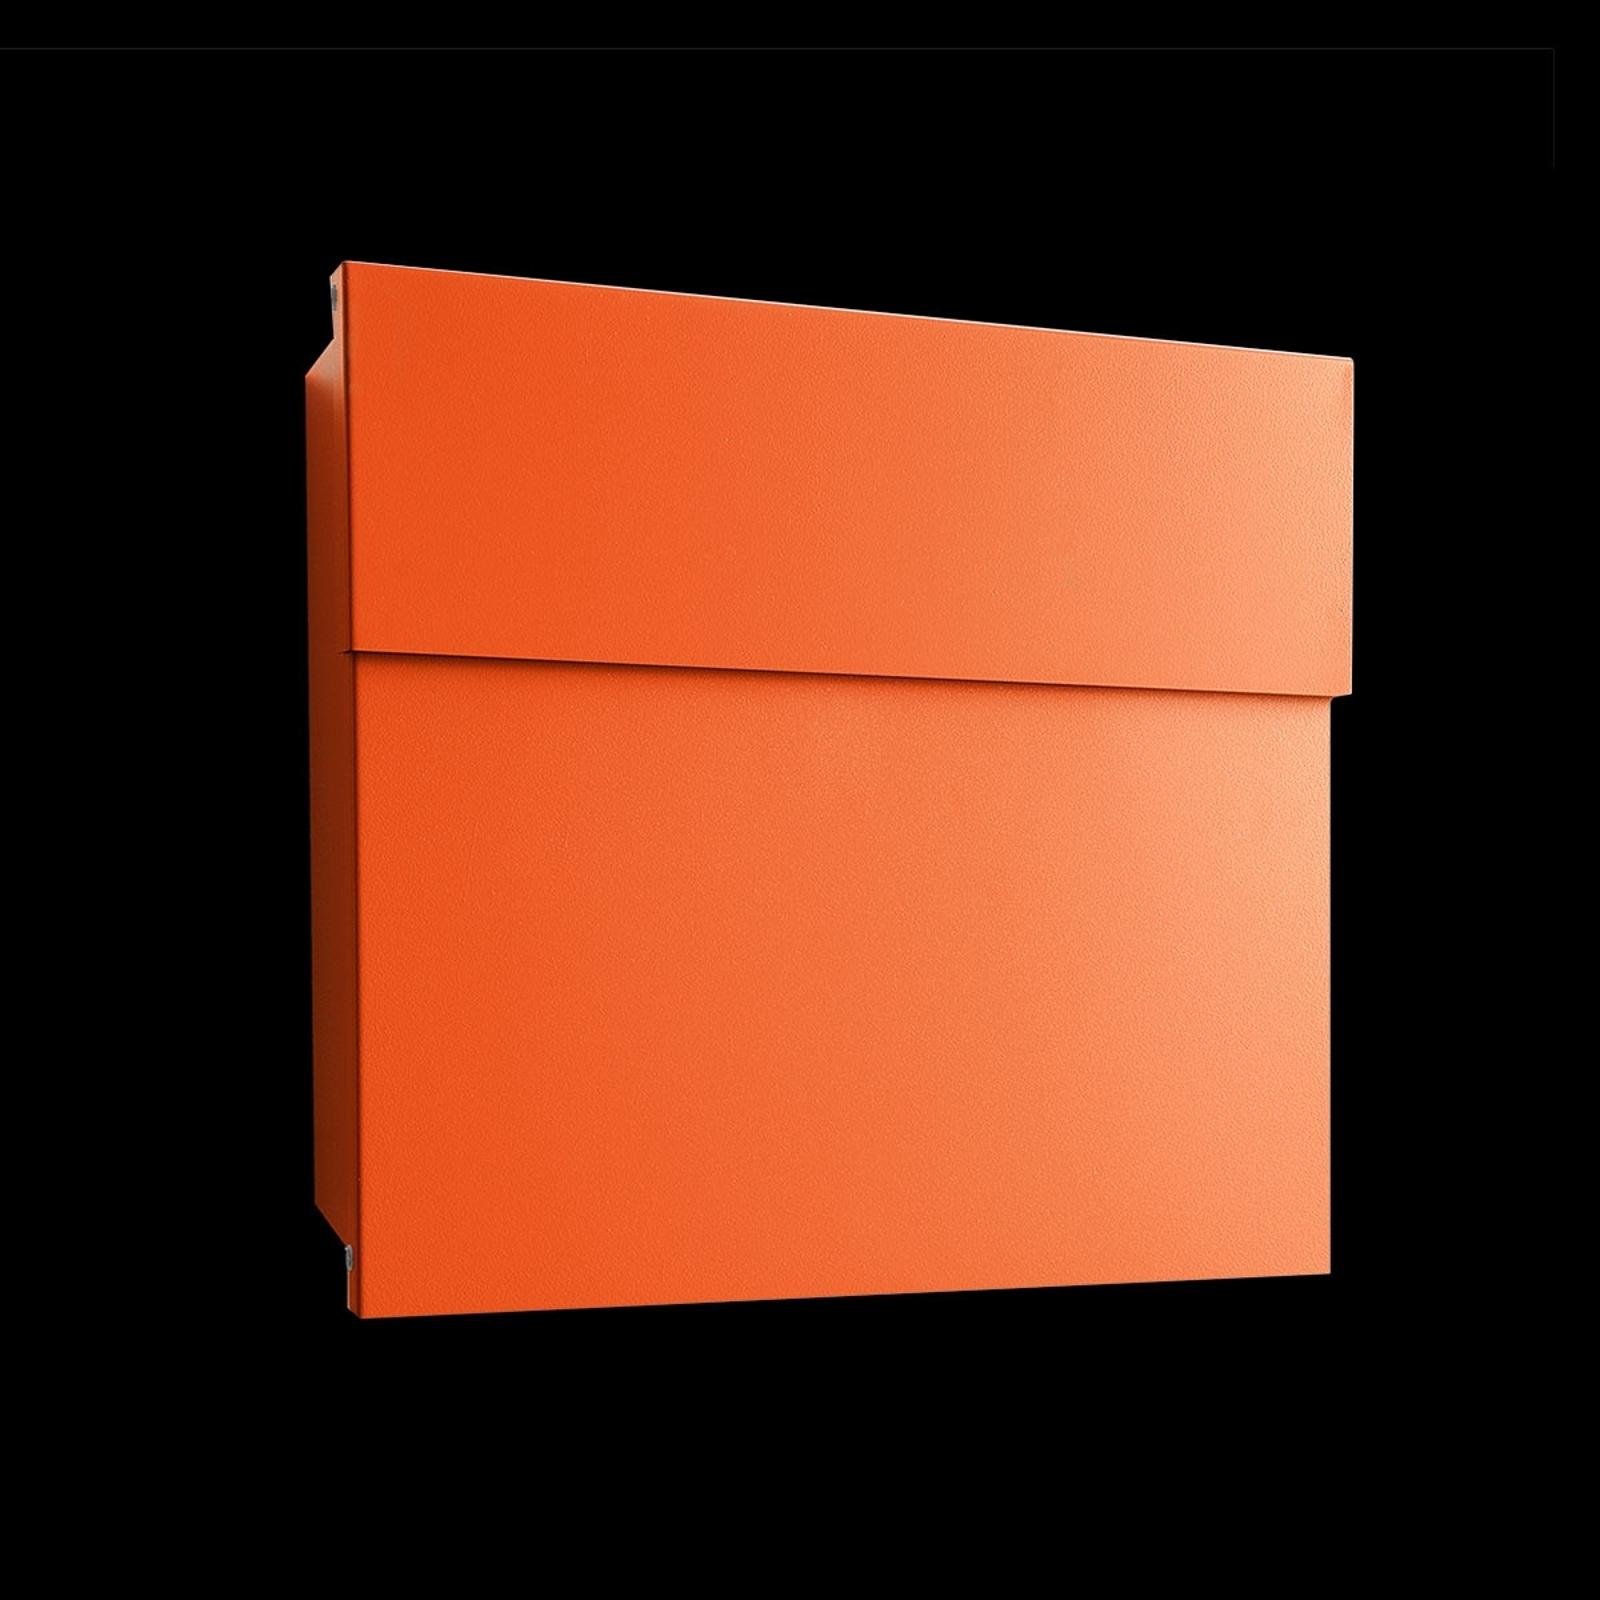 Dizajnová poštová schránka Letterman IV_1057030_1